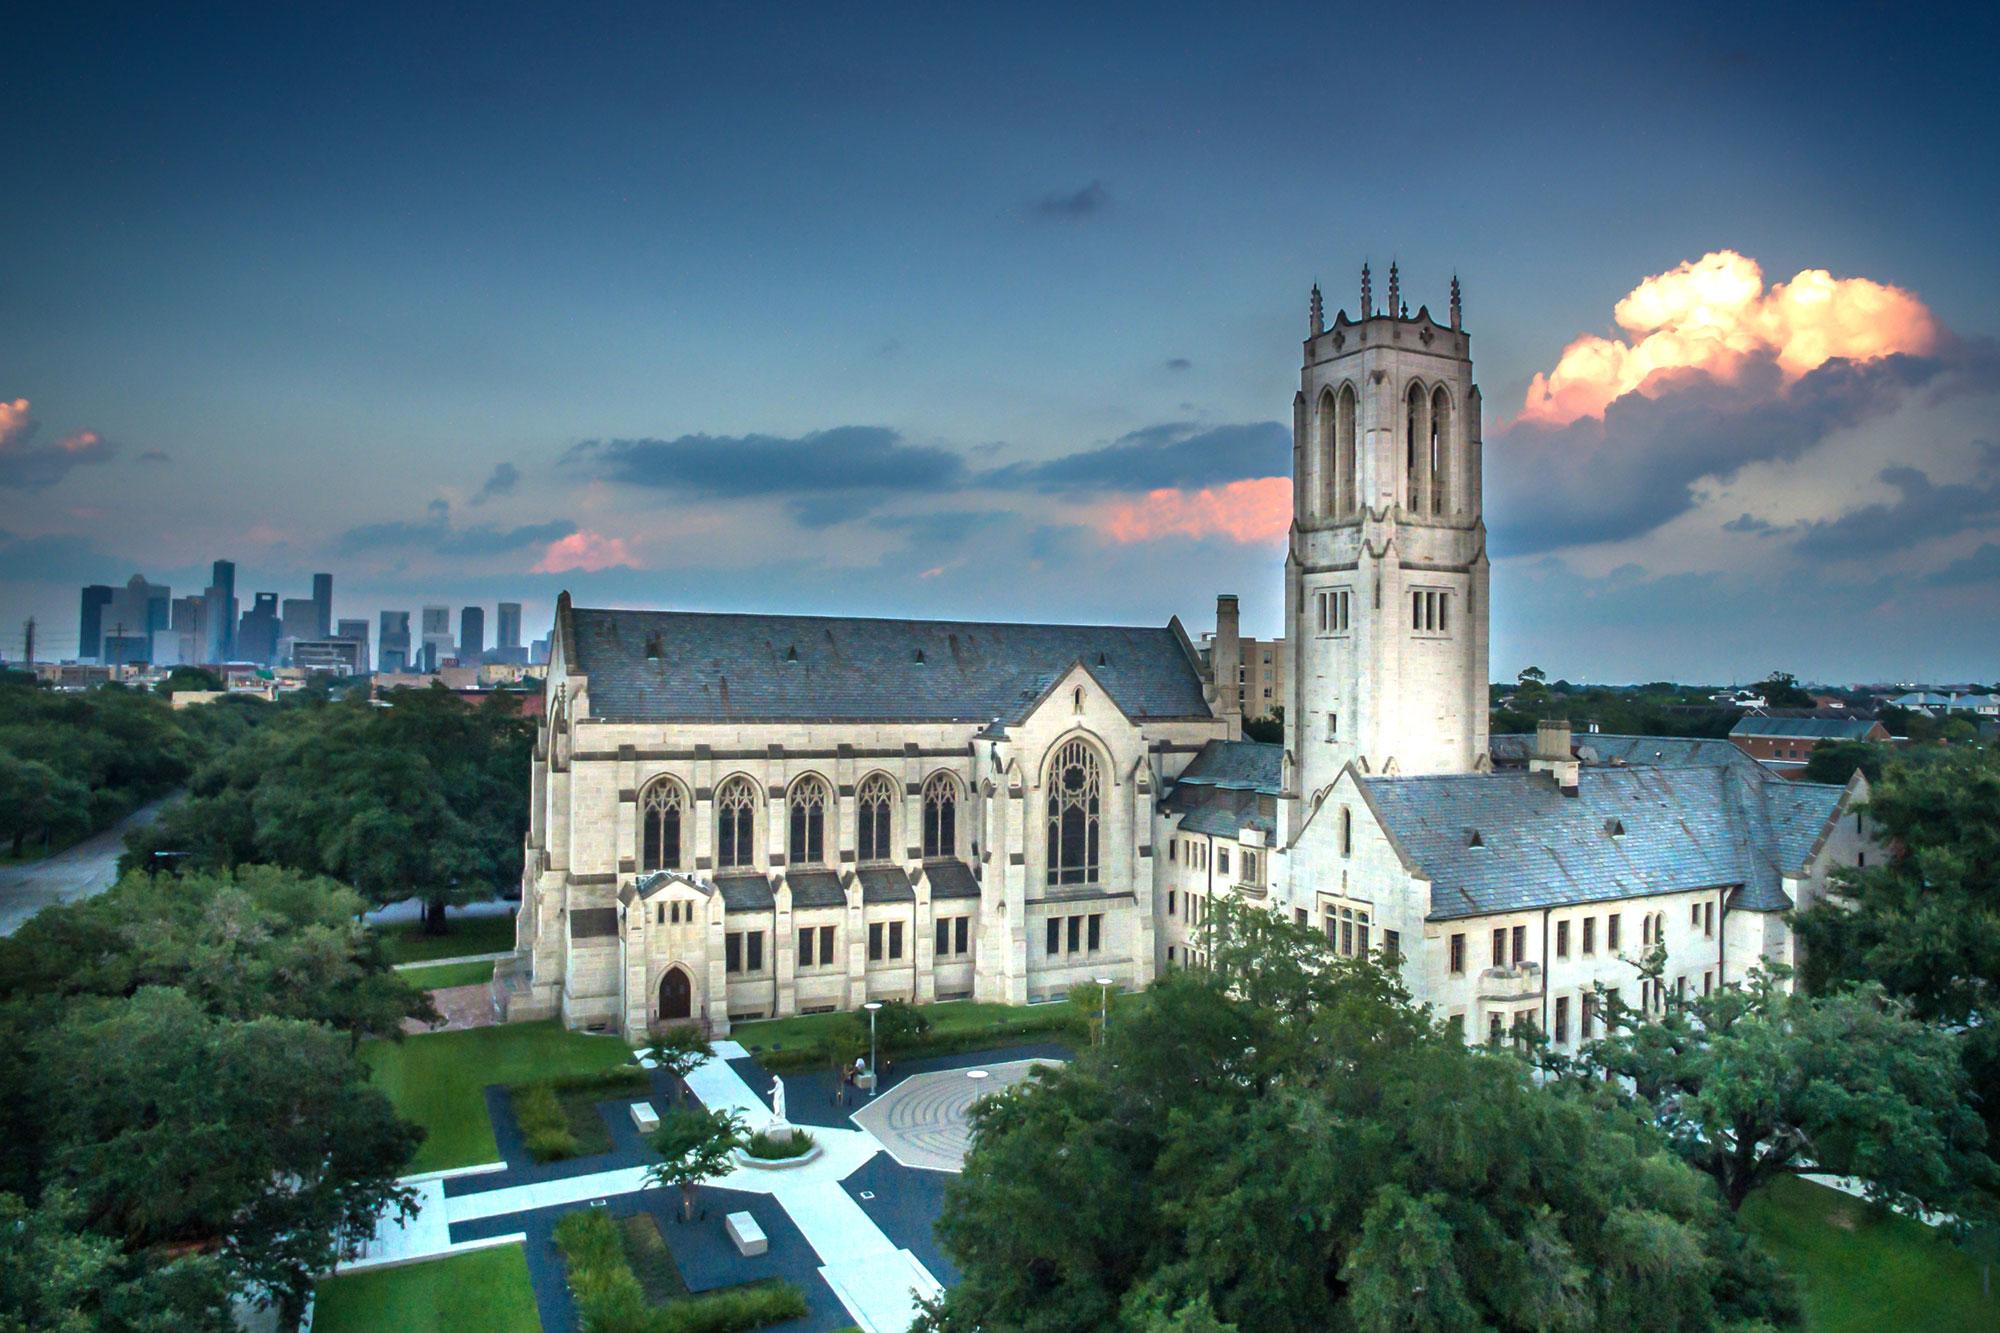 Aerial of St. Paul's